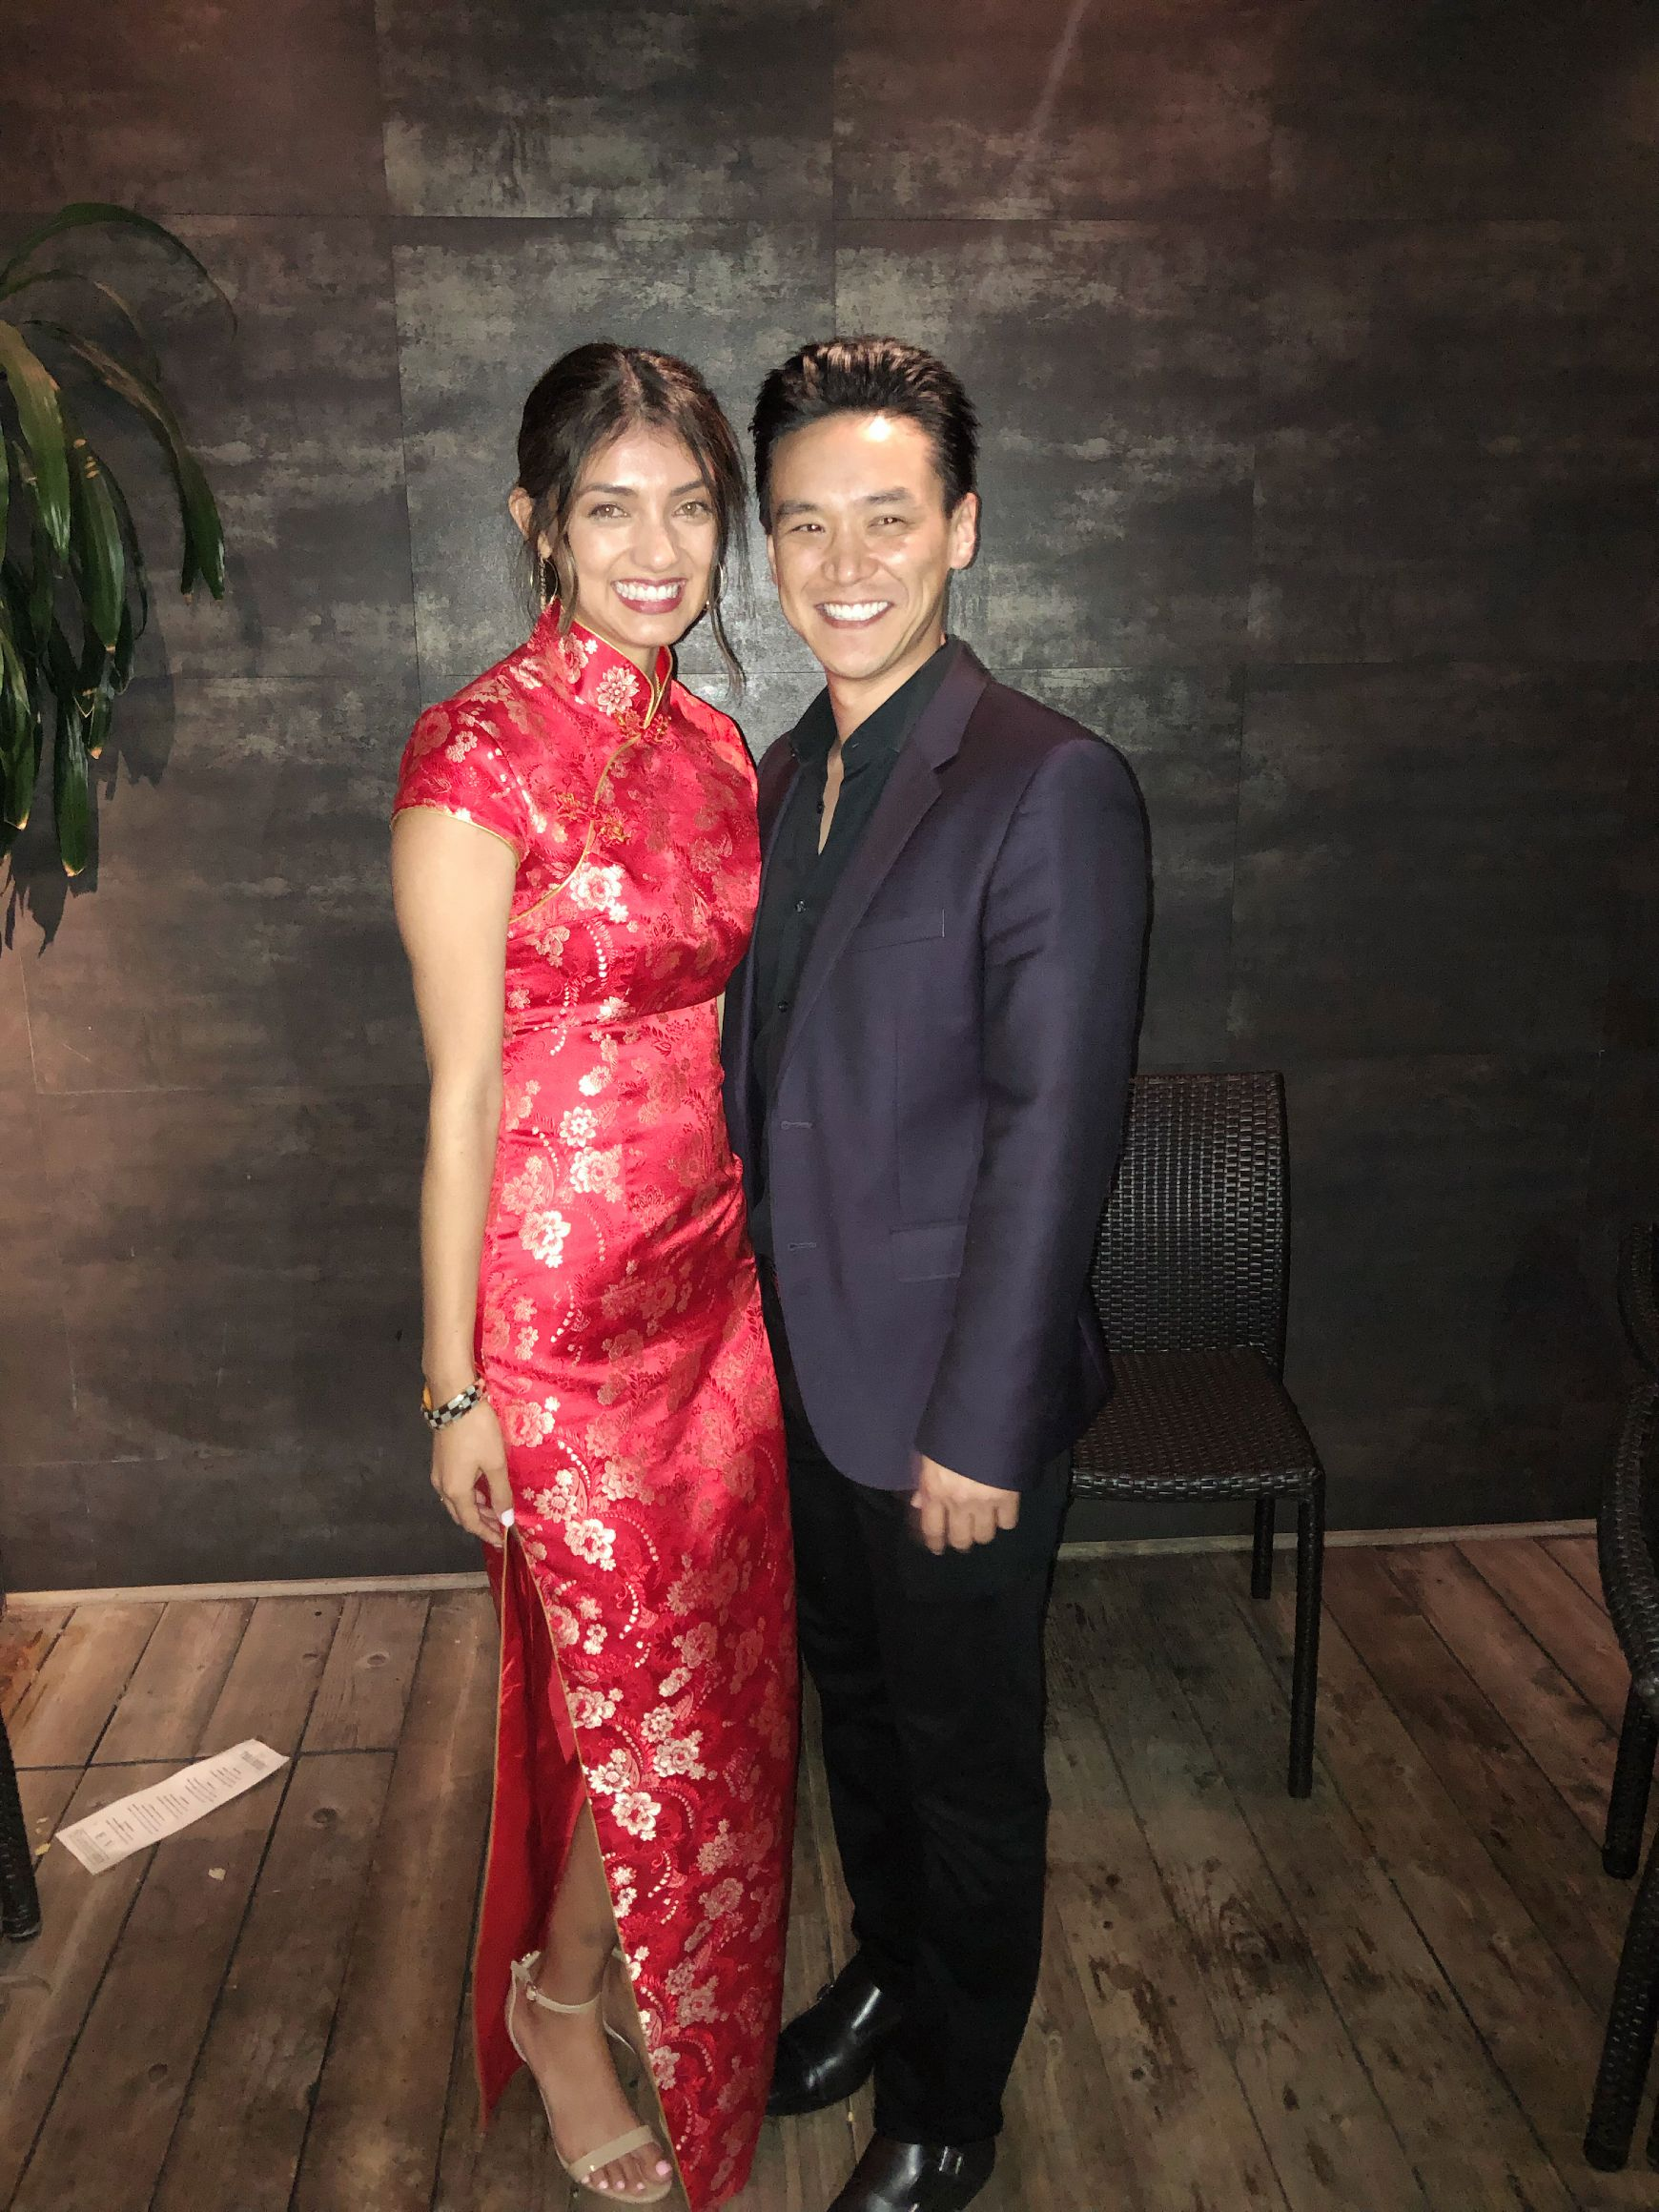 Gemma Bespoke Dress Traditional Chinese Wedding Qipao Chinese Wedding Dress Traditional Chinese Wedding Red Chinese Wedding Dress [ 2320 x 1740 Pixel ]